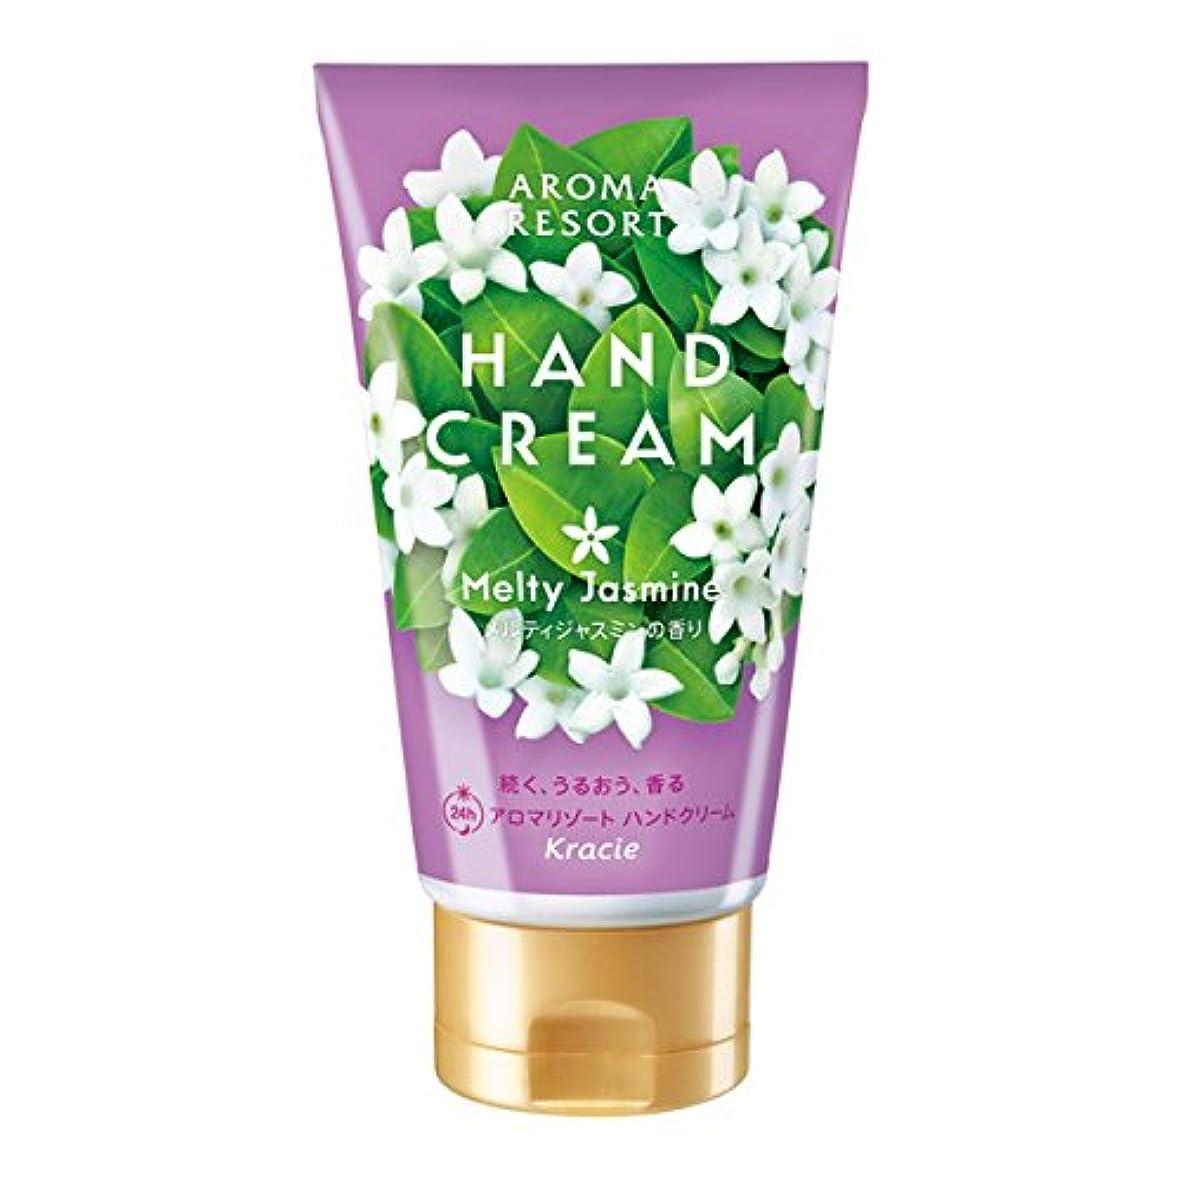 通り抜ける貢献する静めるアロマリゾート ハンドクリーム メルティジャスミンの香り 70g